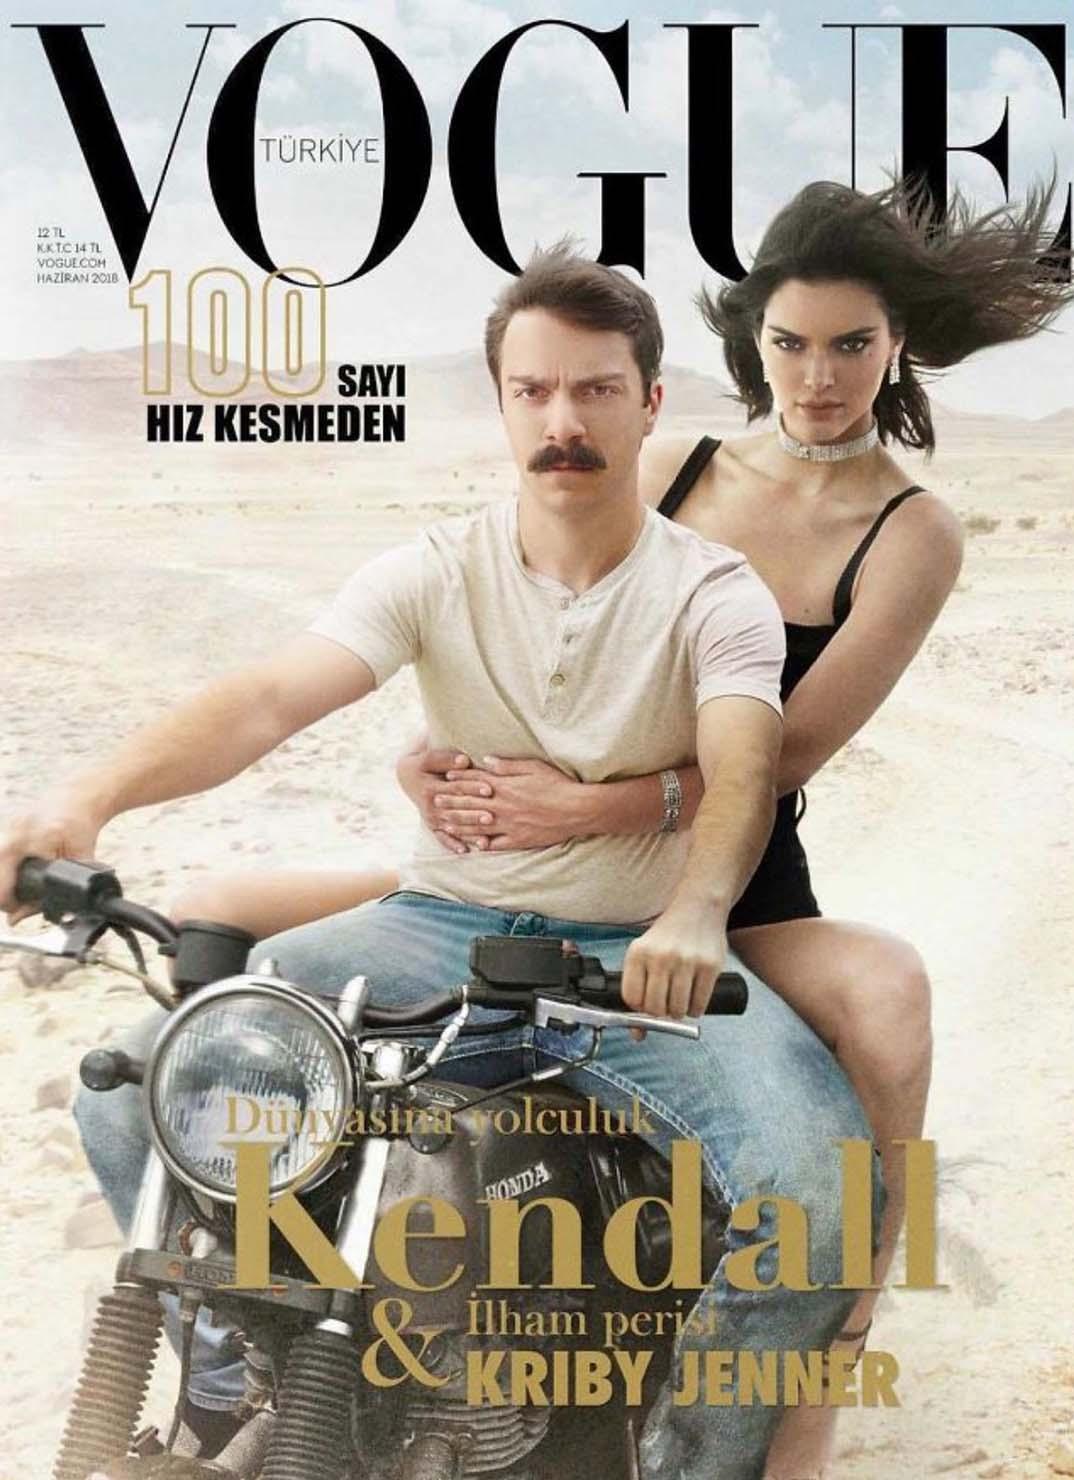 Photoshopper seg selv inn i Kendall Jenners bilder